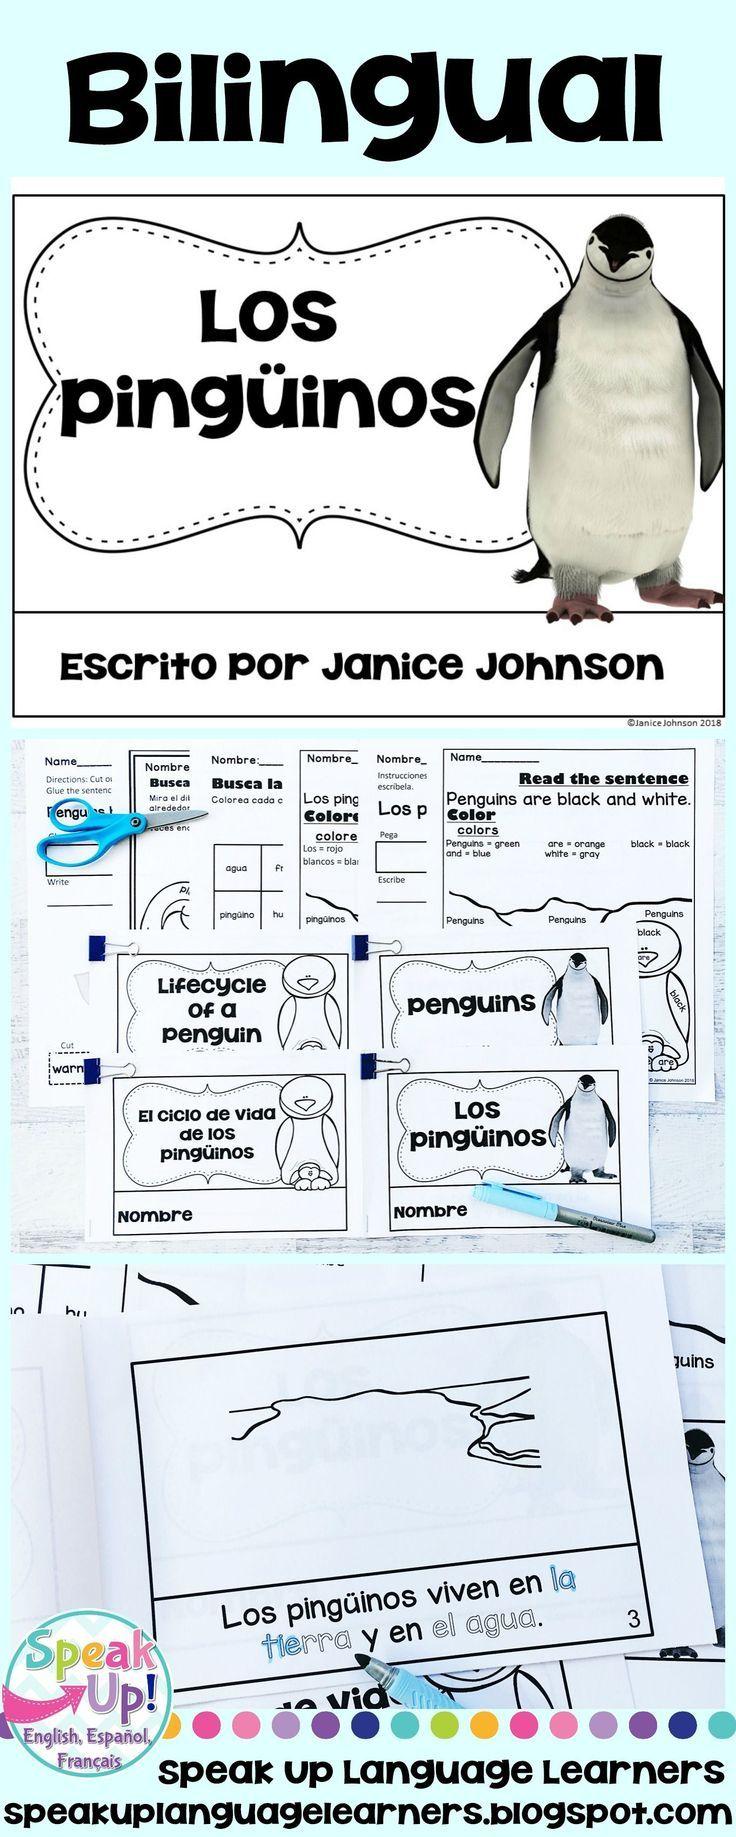 como se escribe pinguino en ingles